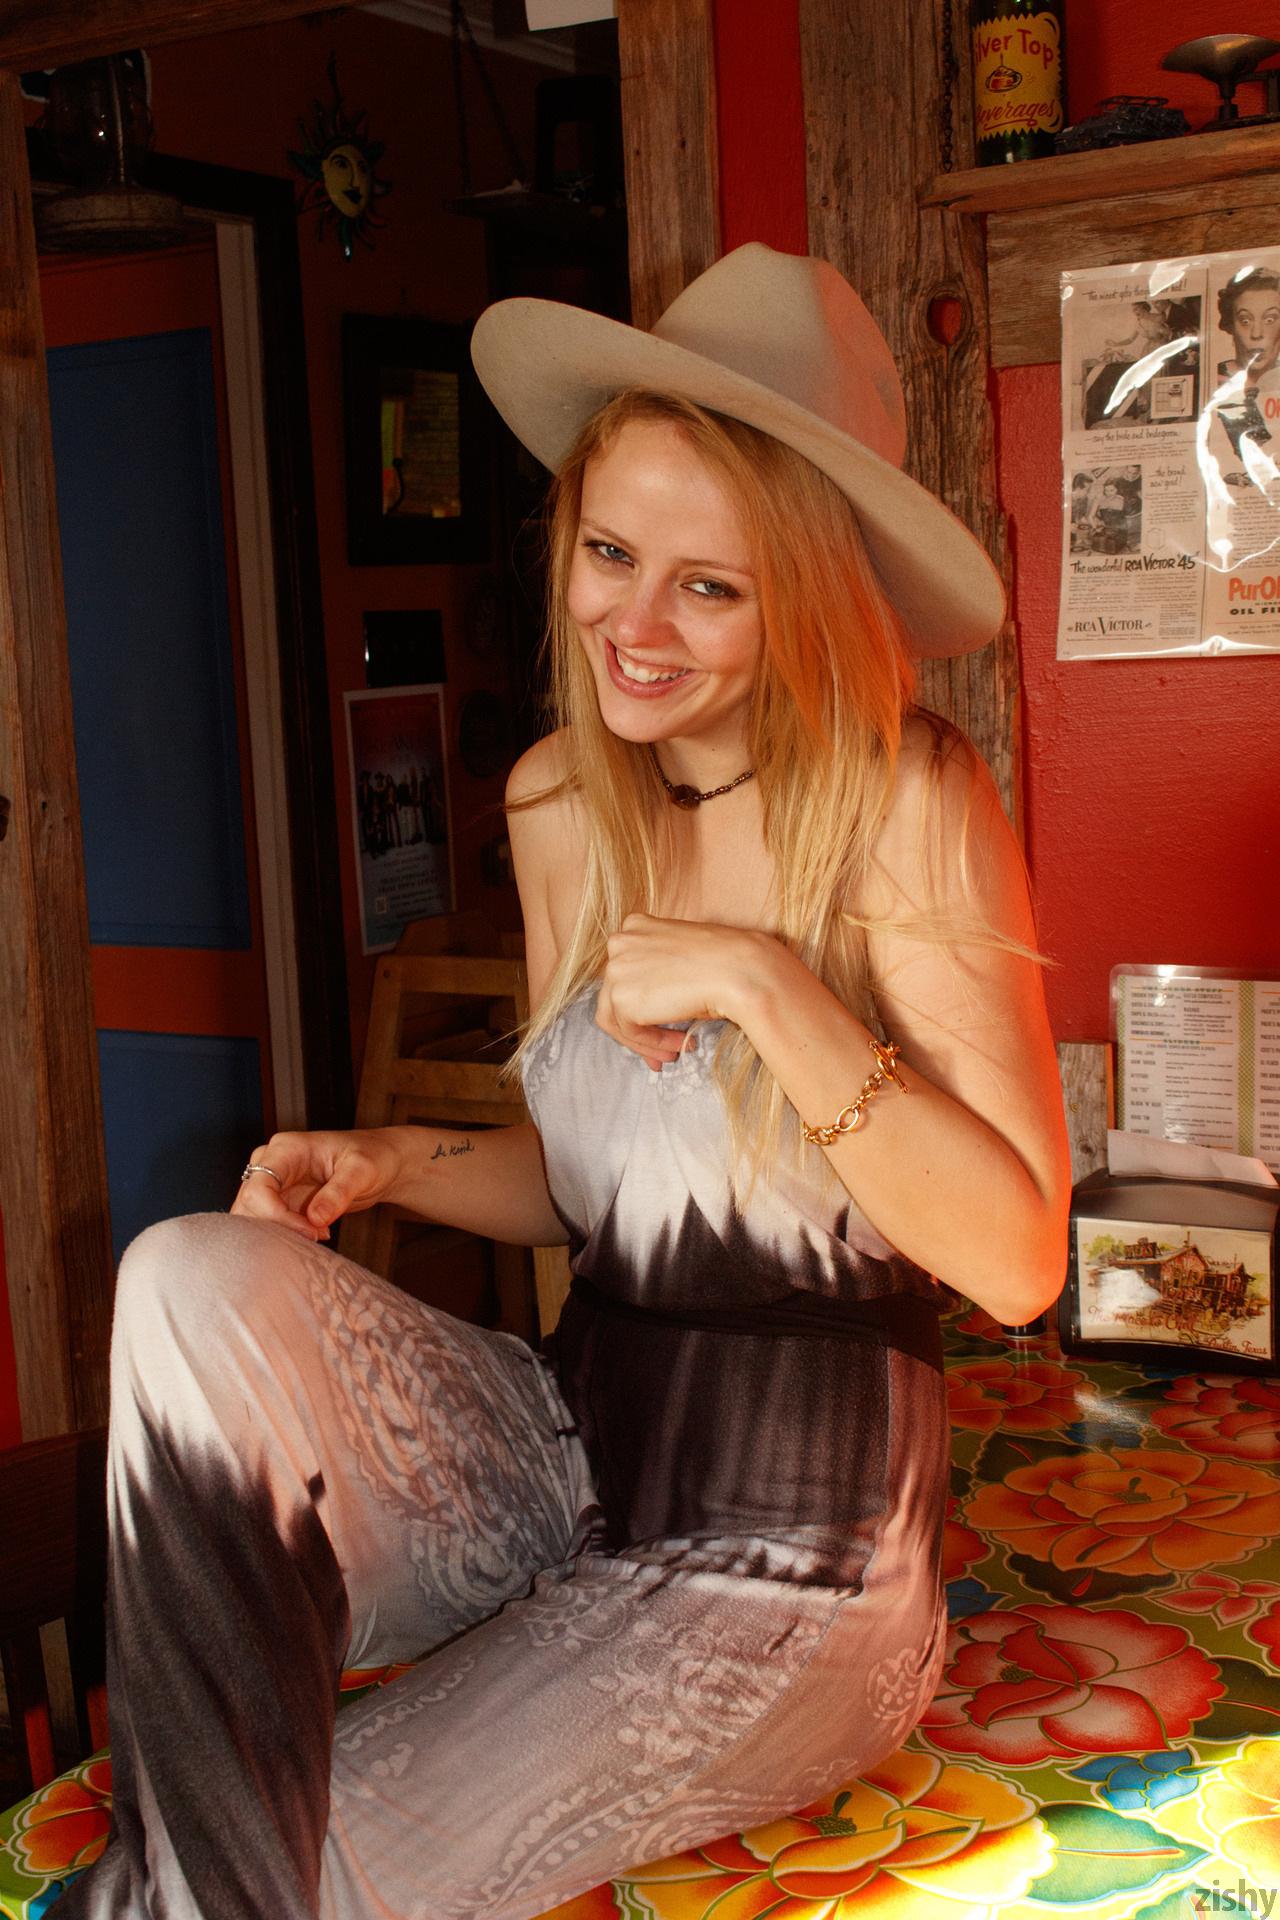 Helen Bergstrom Holy Guacamole Zishy (17)